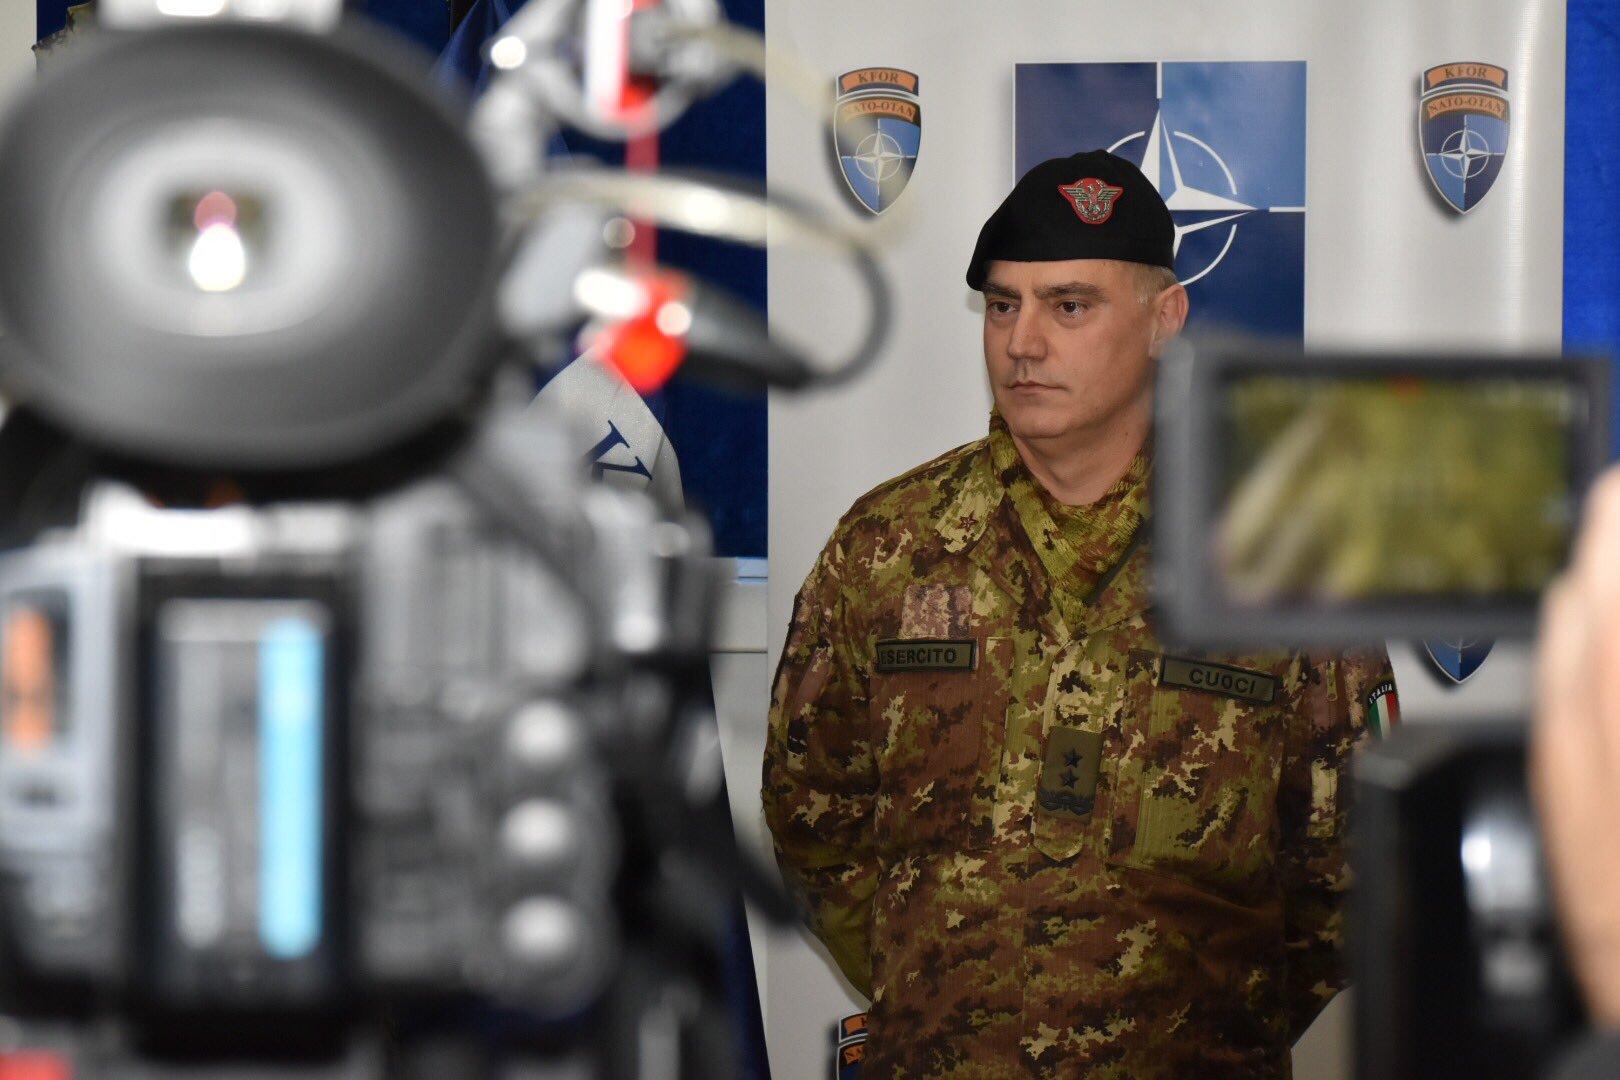 Куочи: НАТО се придржава принципа суверенитета и територијалног интегритета у складу са Резолуцијом 1244 СБ УН